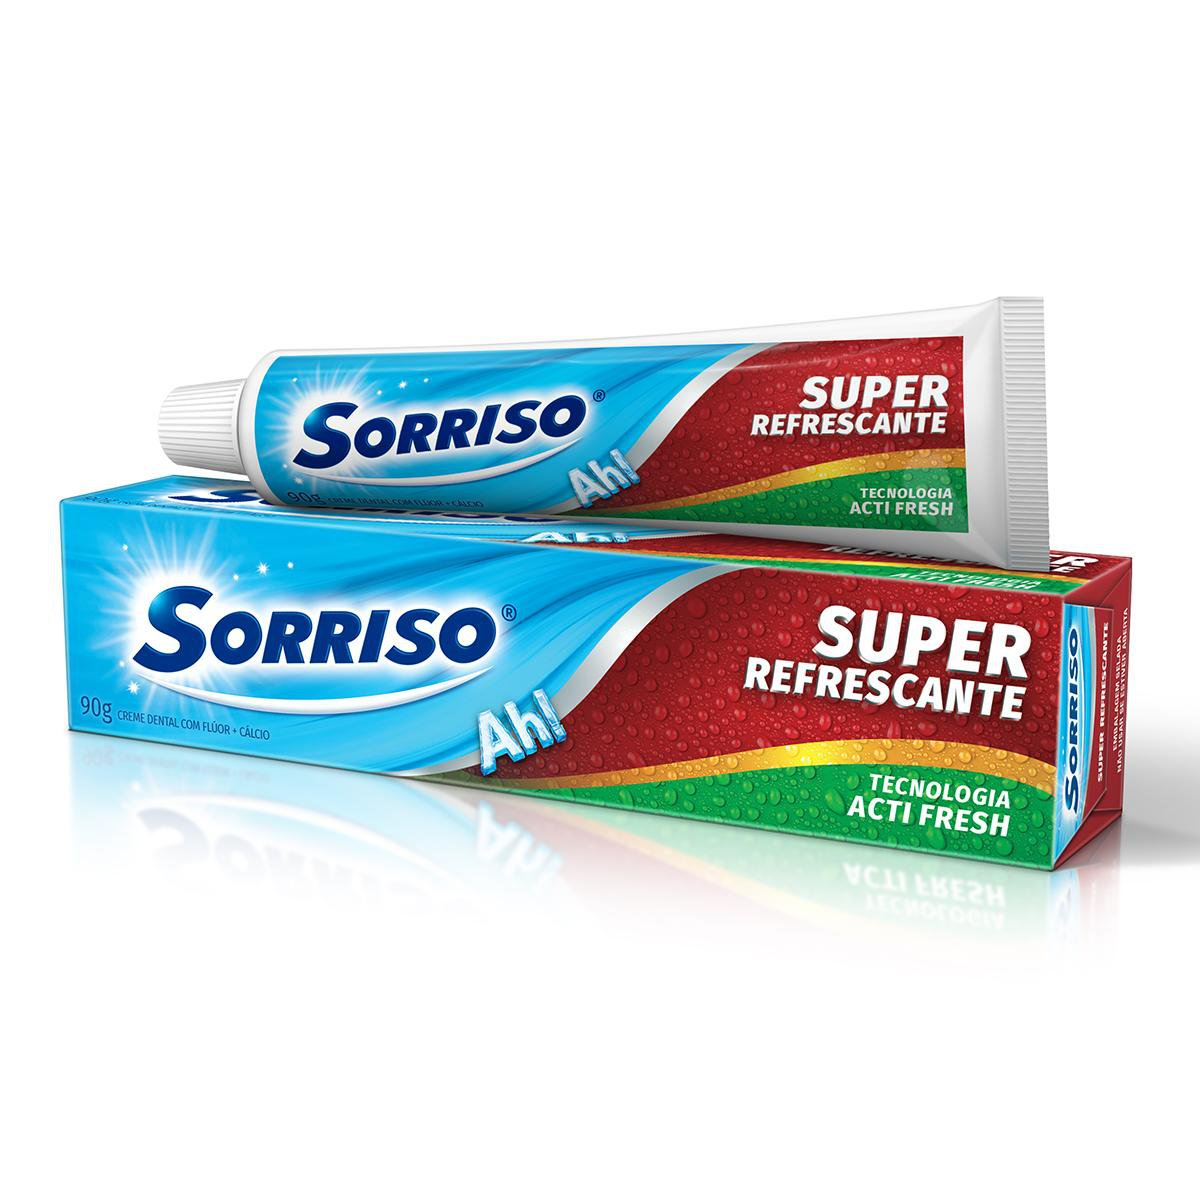 CR DENT SORRISO SUPER REFRESC 1X90G(144)